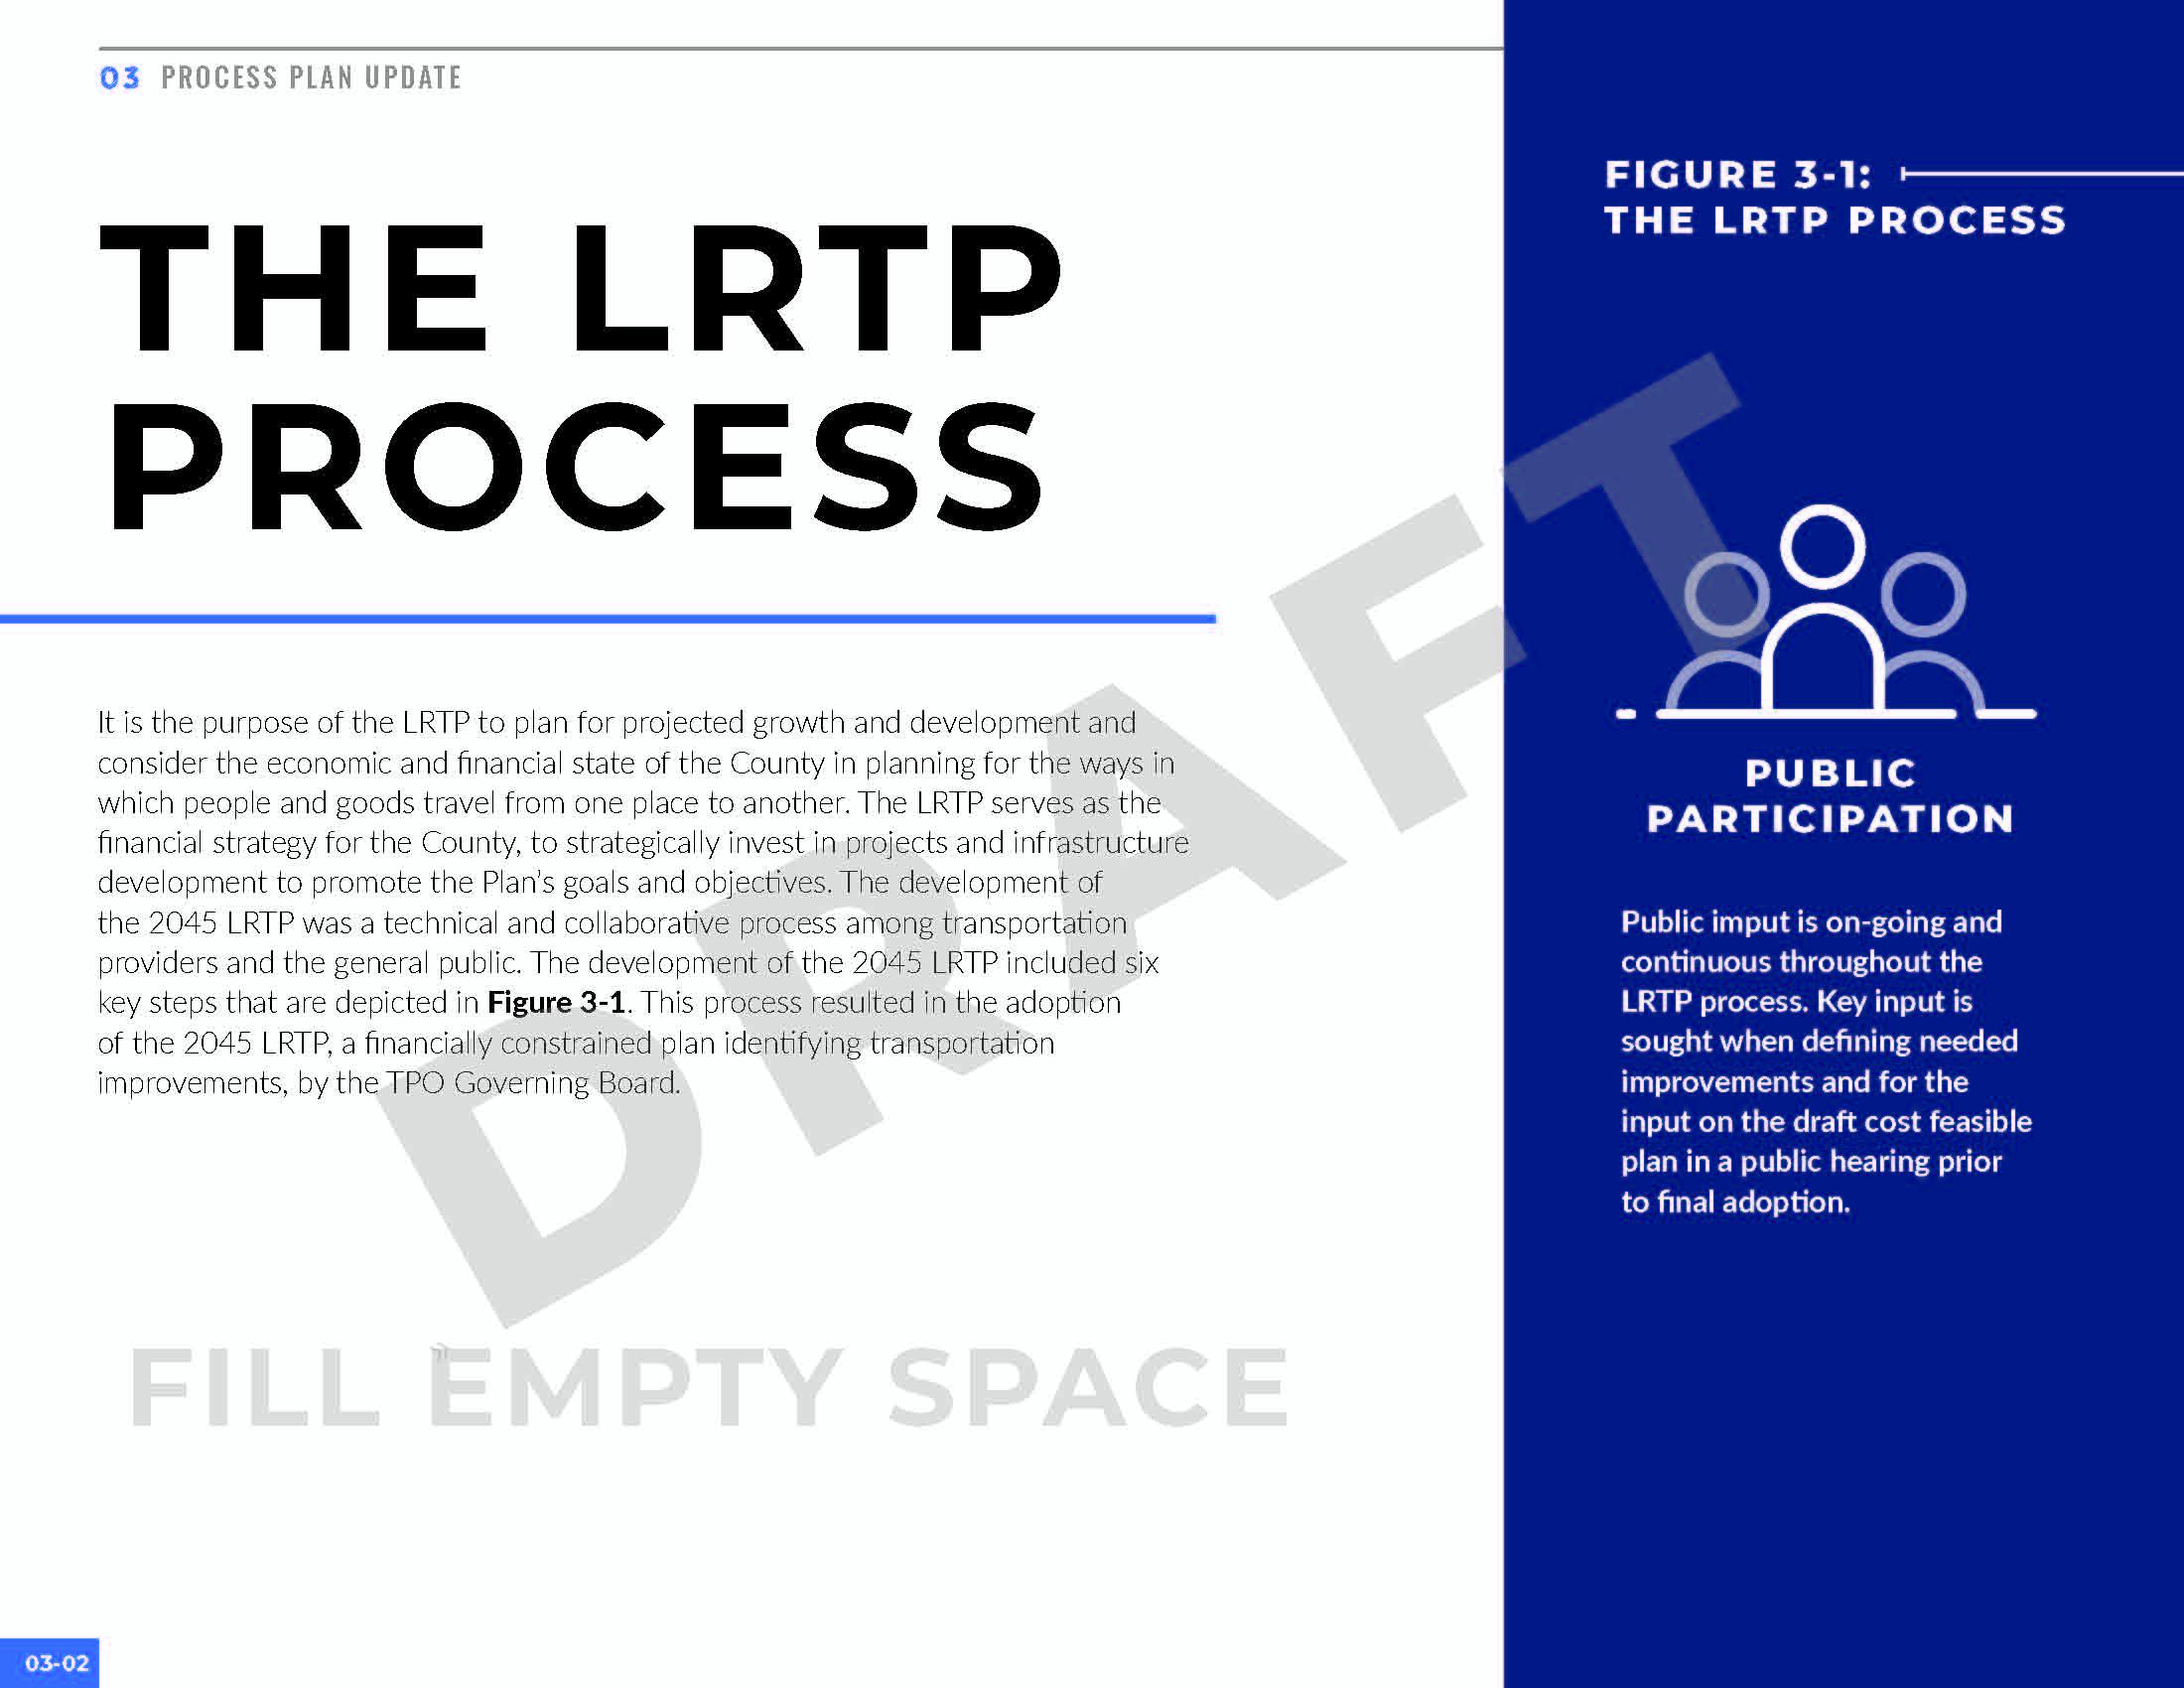 LRTP_072319_Page_050.jpg